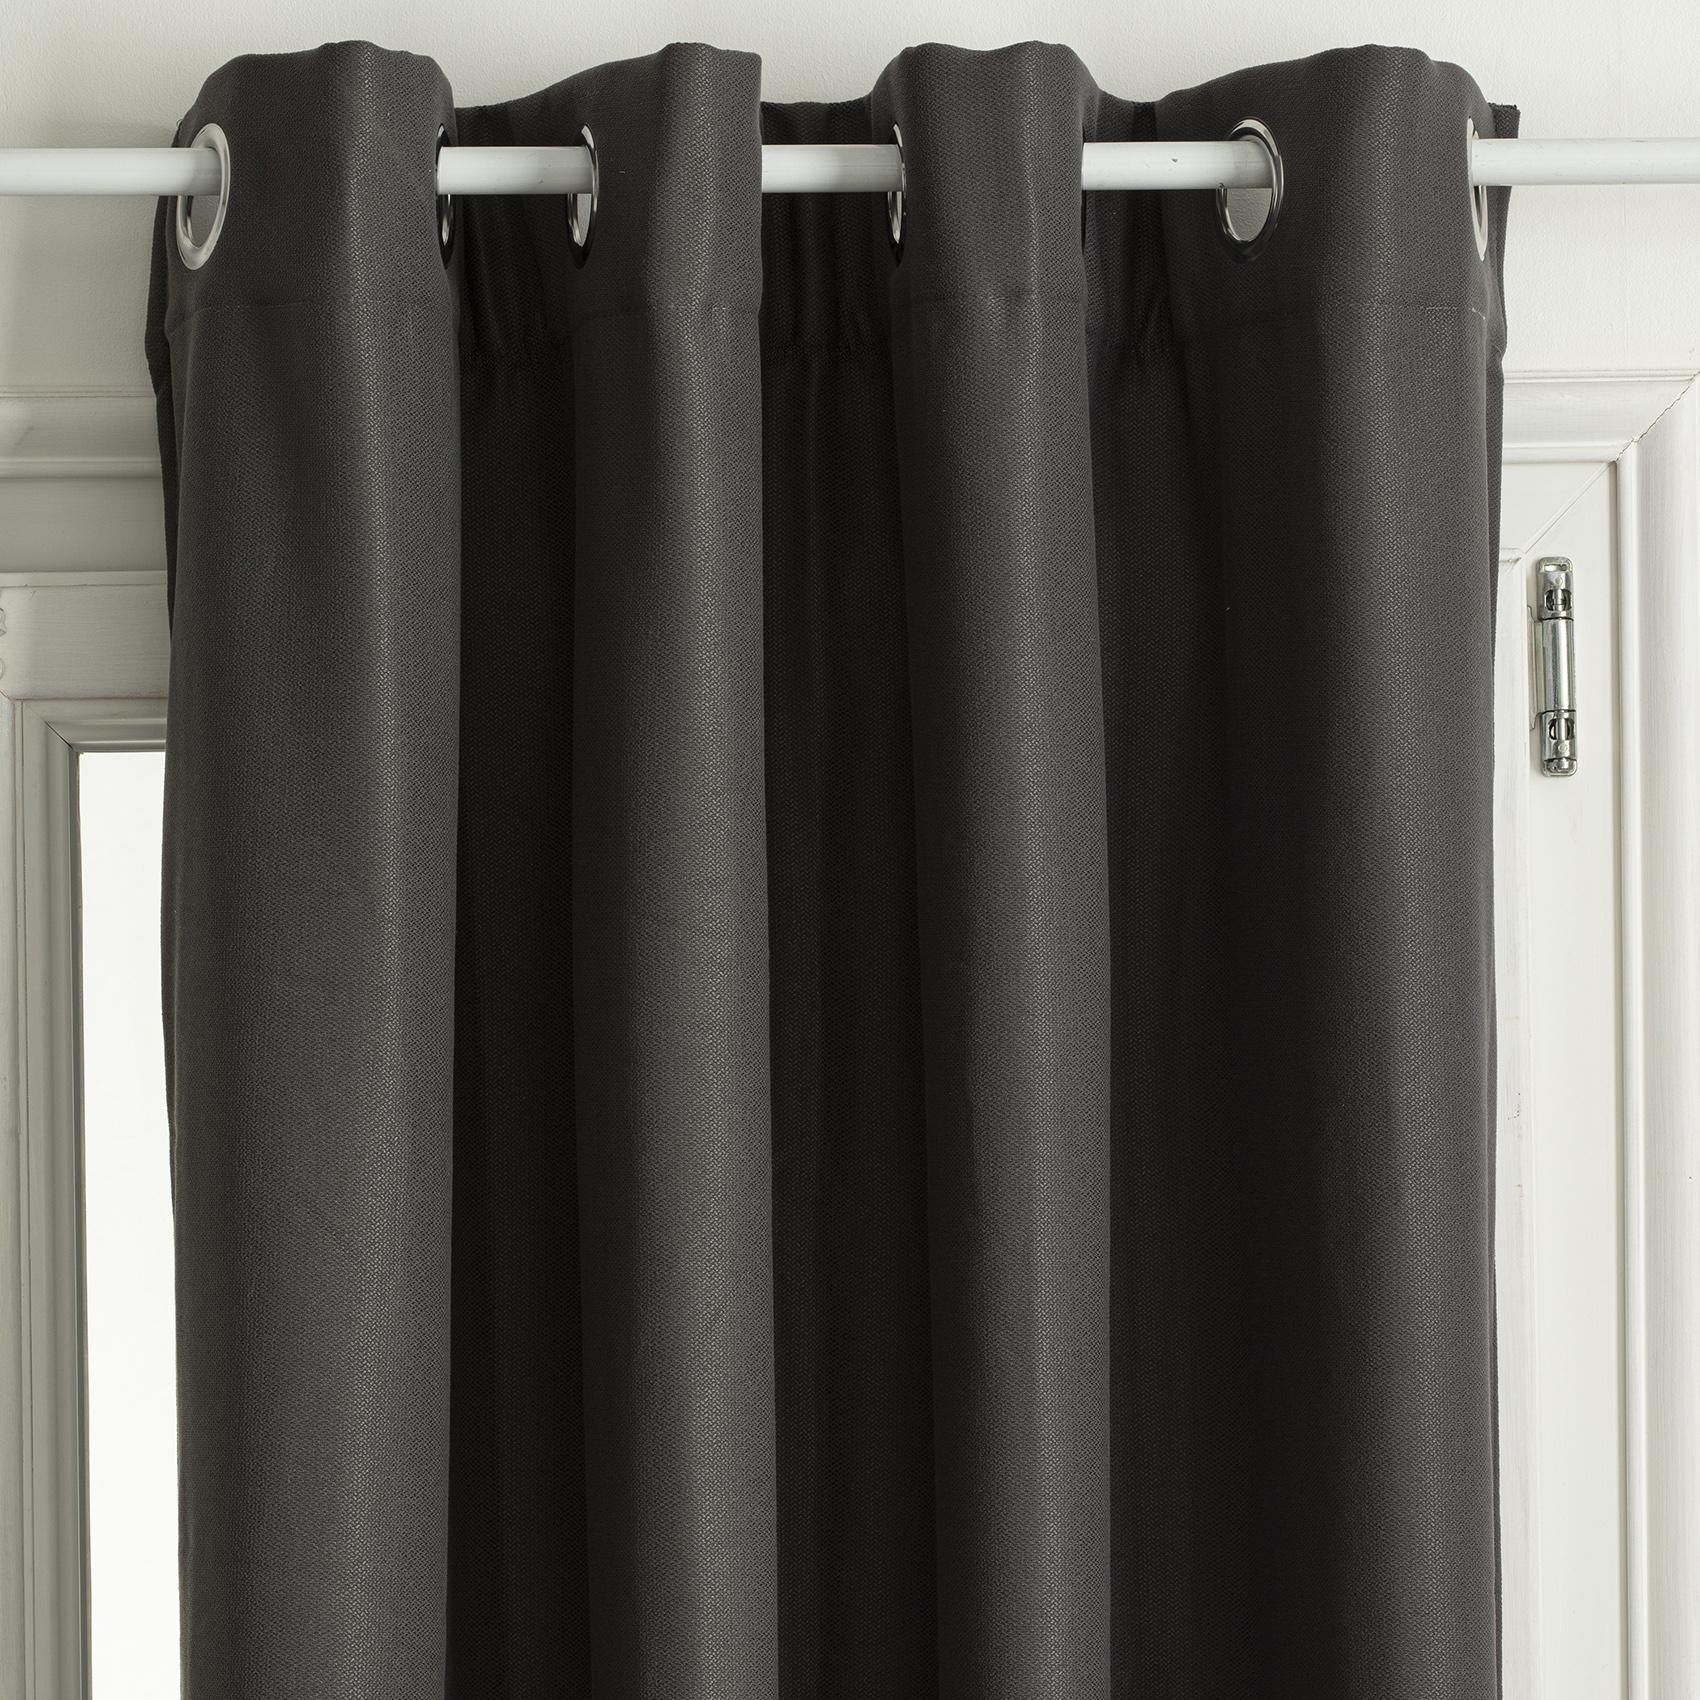 Rideau thermique et isolant uni polyester gris 260x140